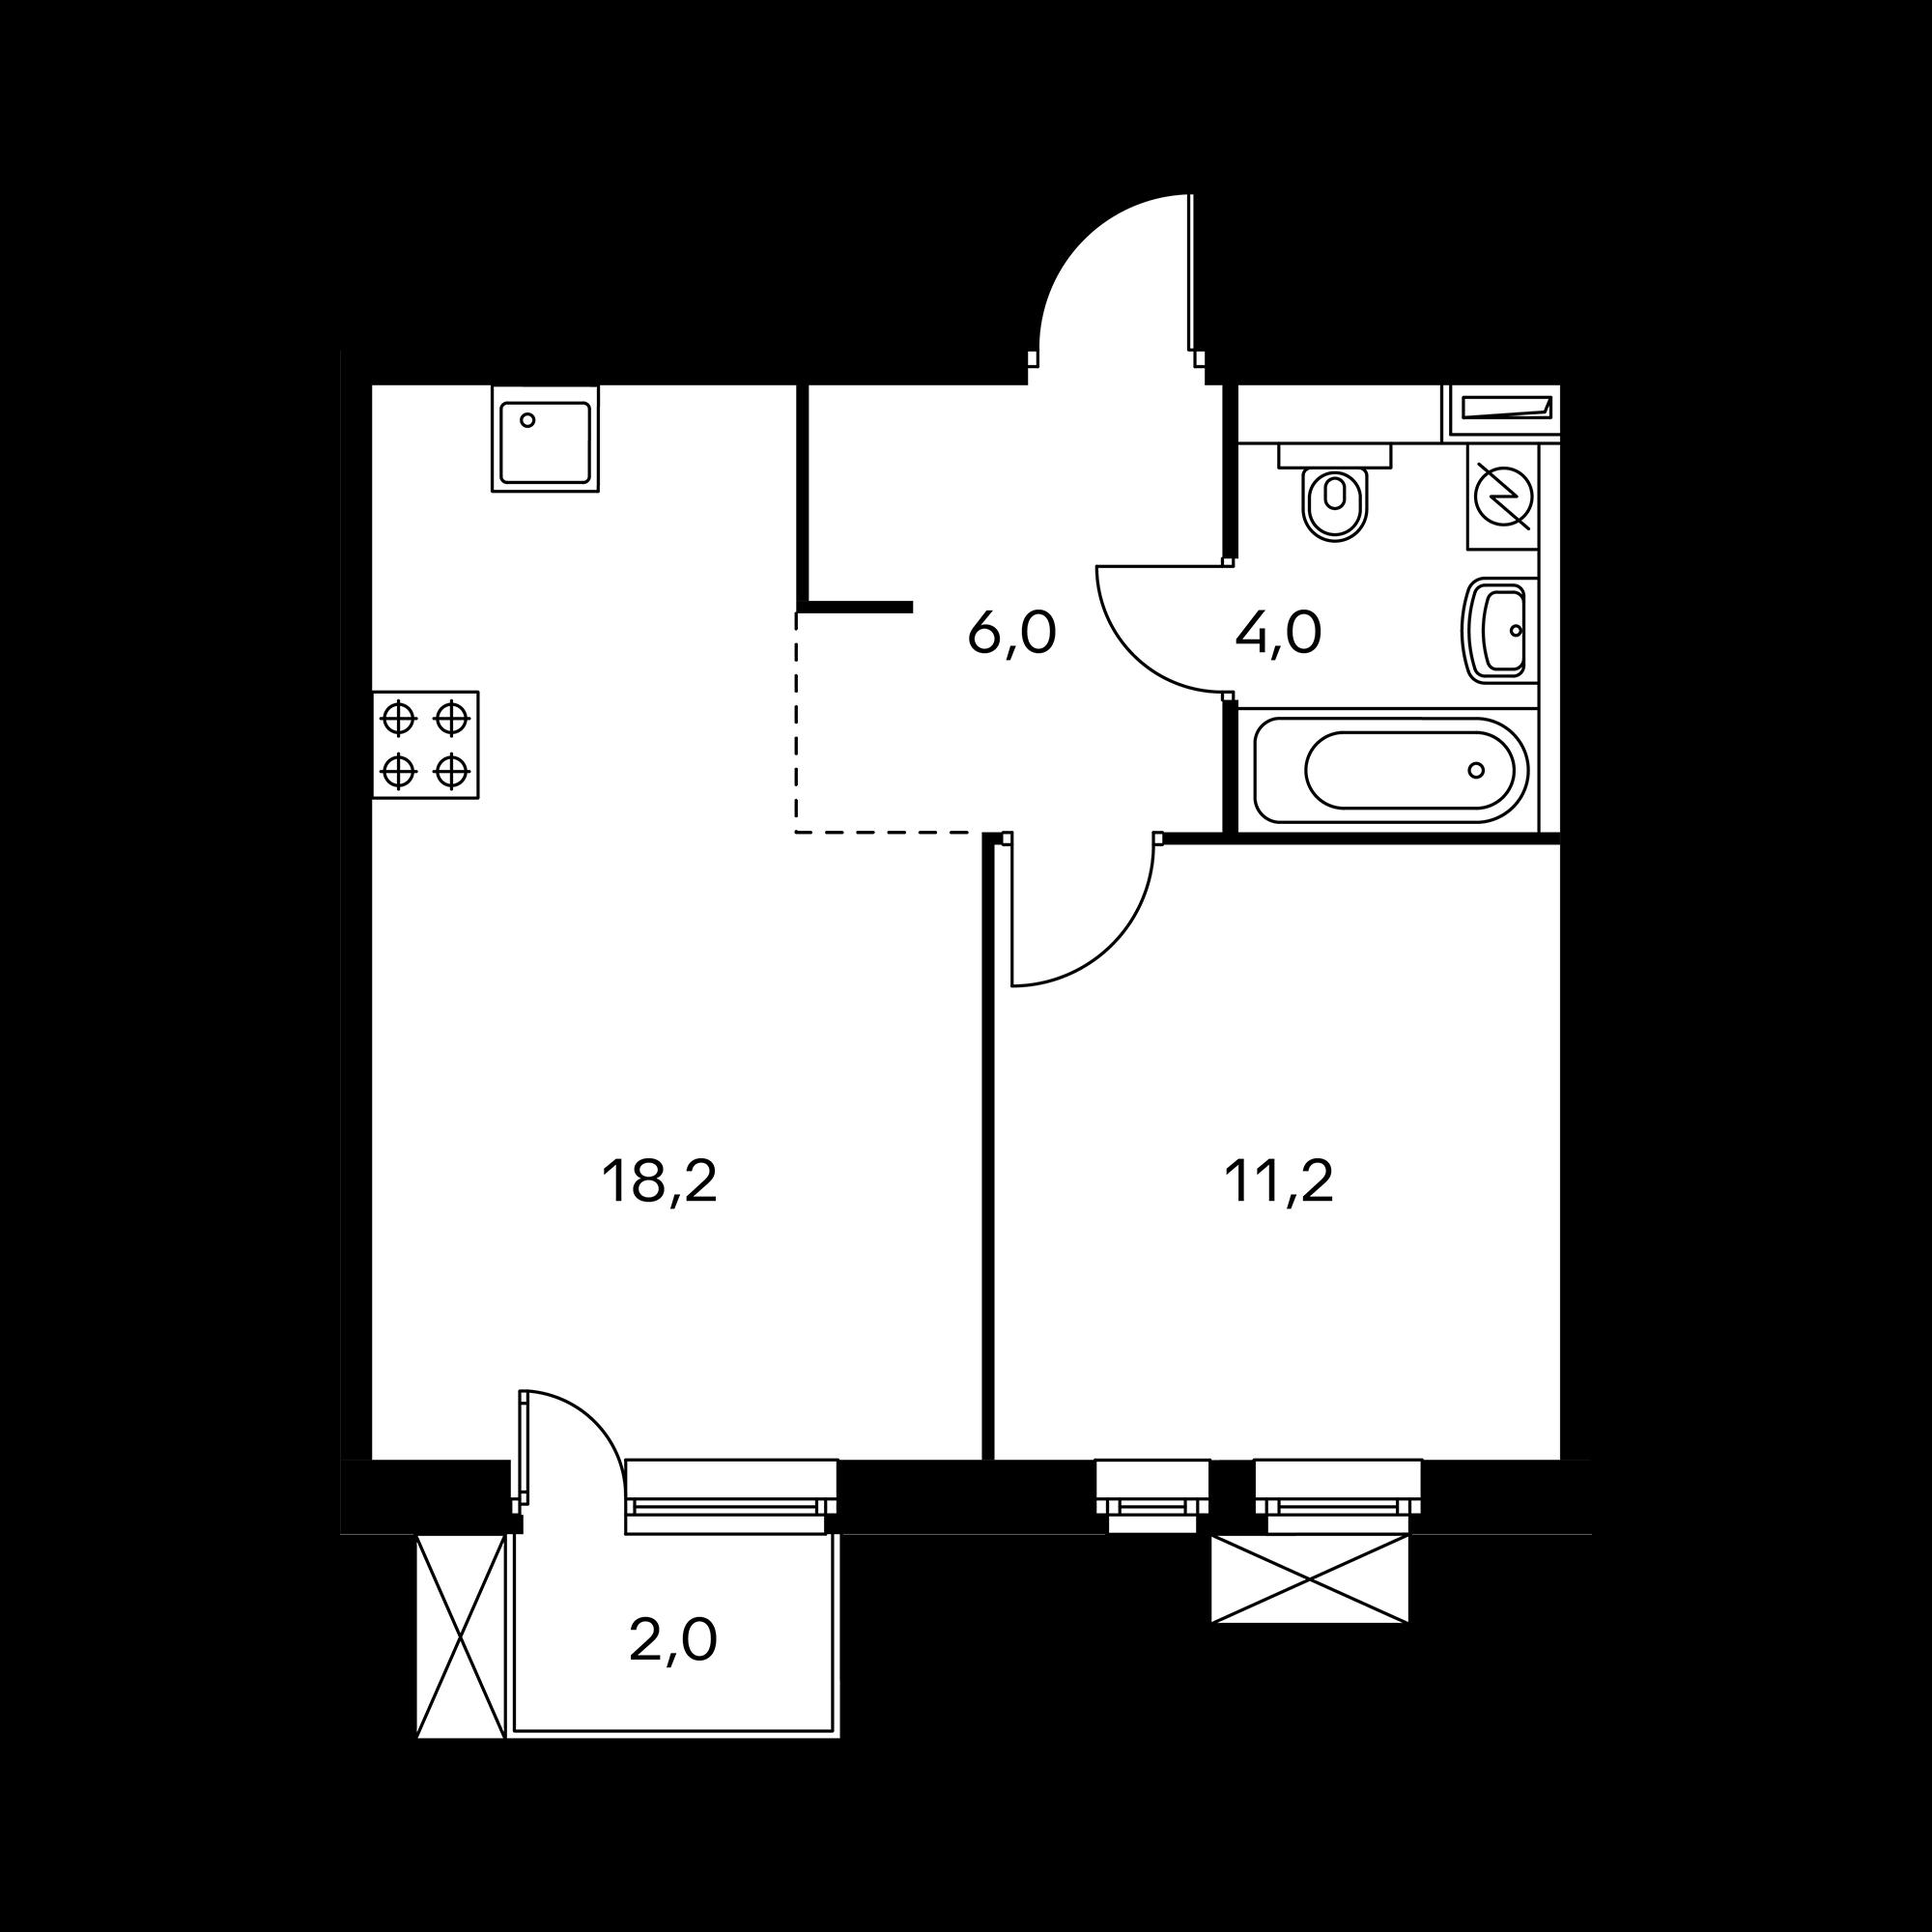 1EM3_6.9-1_S_ZB